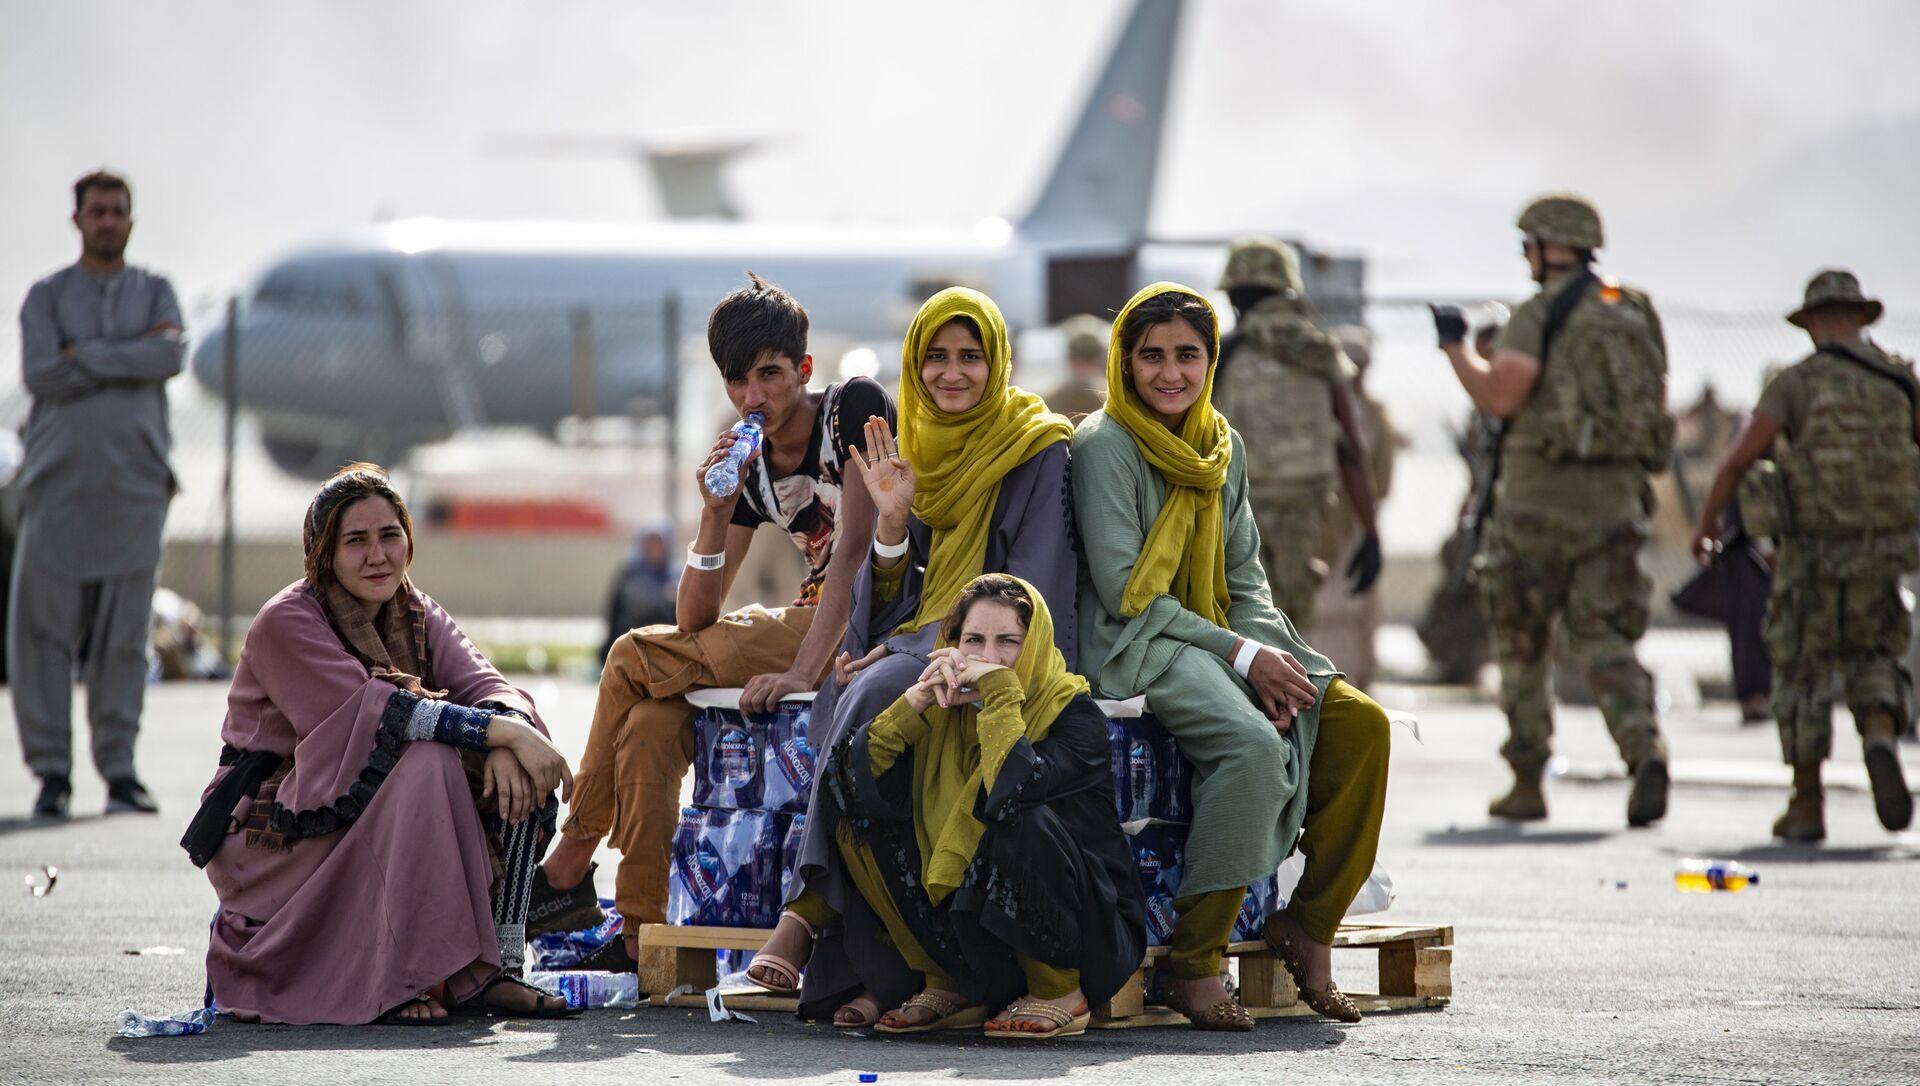 Sur cette image fournie par l'US Marine, des enfants attendent d'être évacués à l'aéroport de Kaboul, Afghanistan, Jeudi 19 août 2021 - Sputnik France, 1920, 03.09.2021